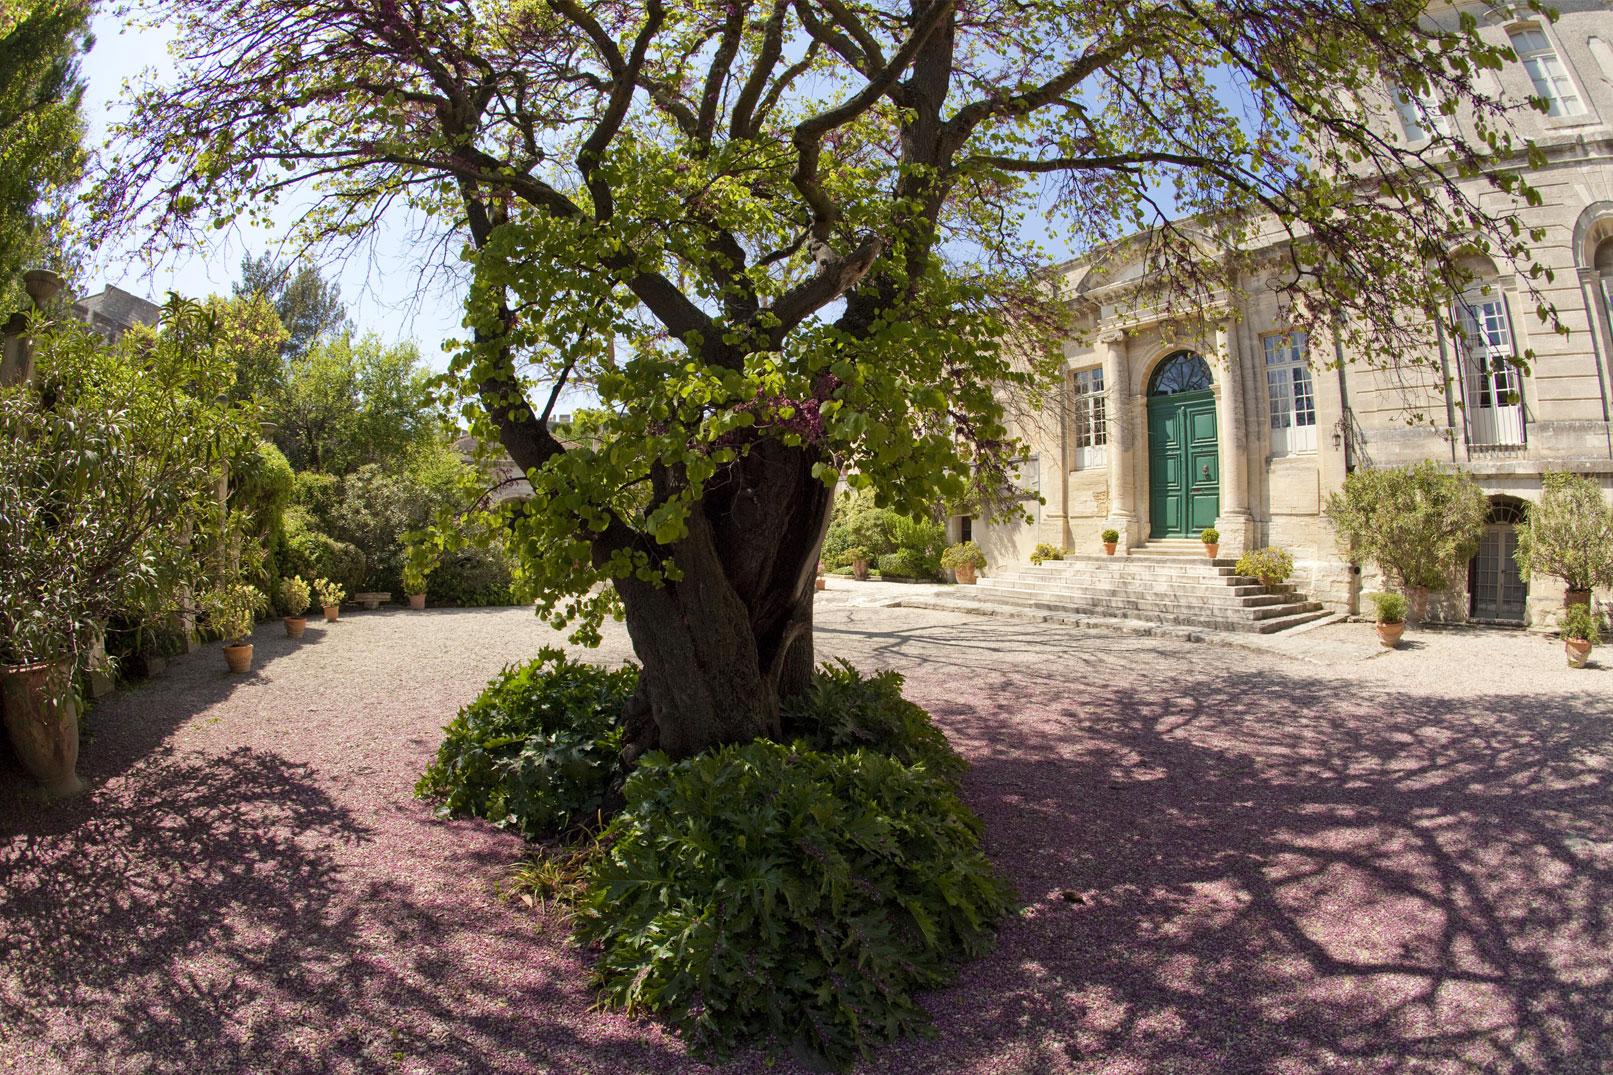 Gelassenheit und Besinnung im Garten der Abtei Saint-André